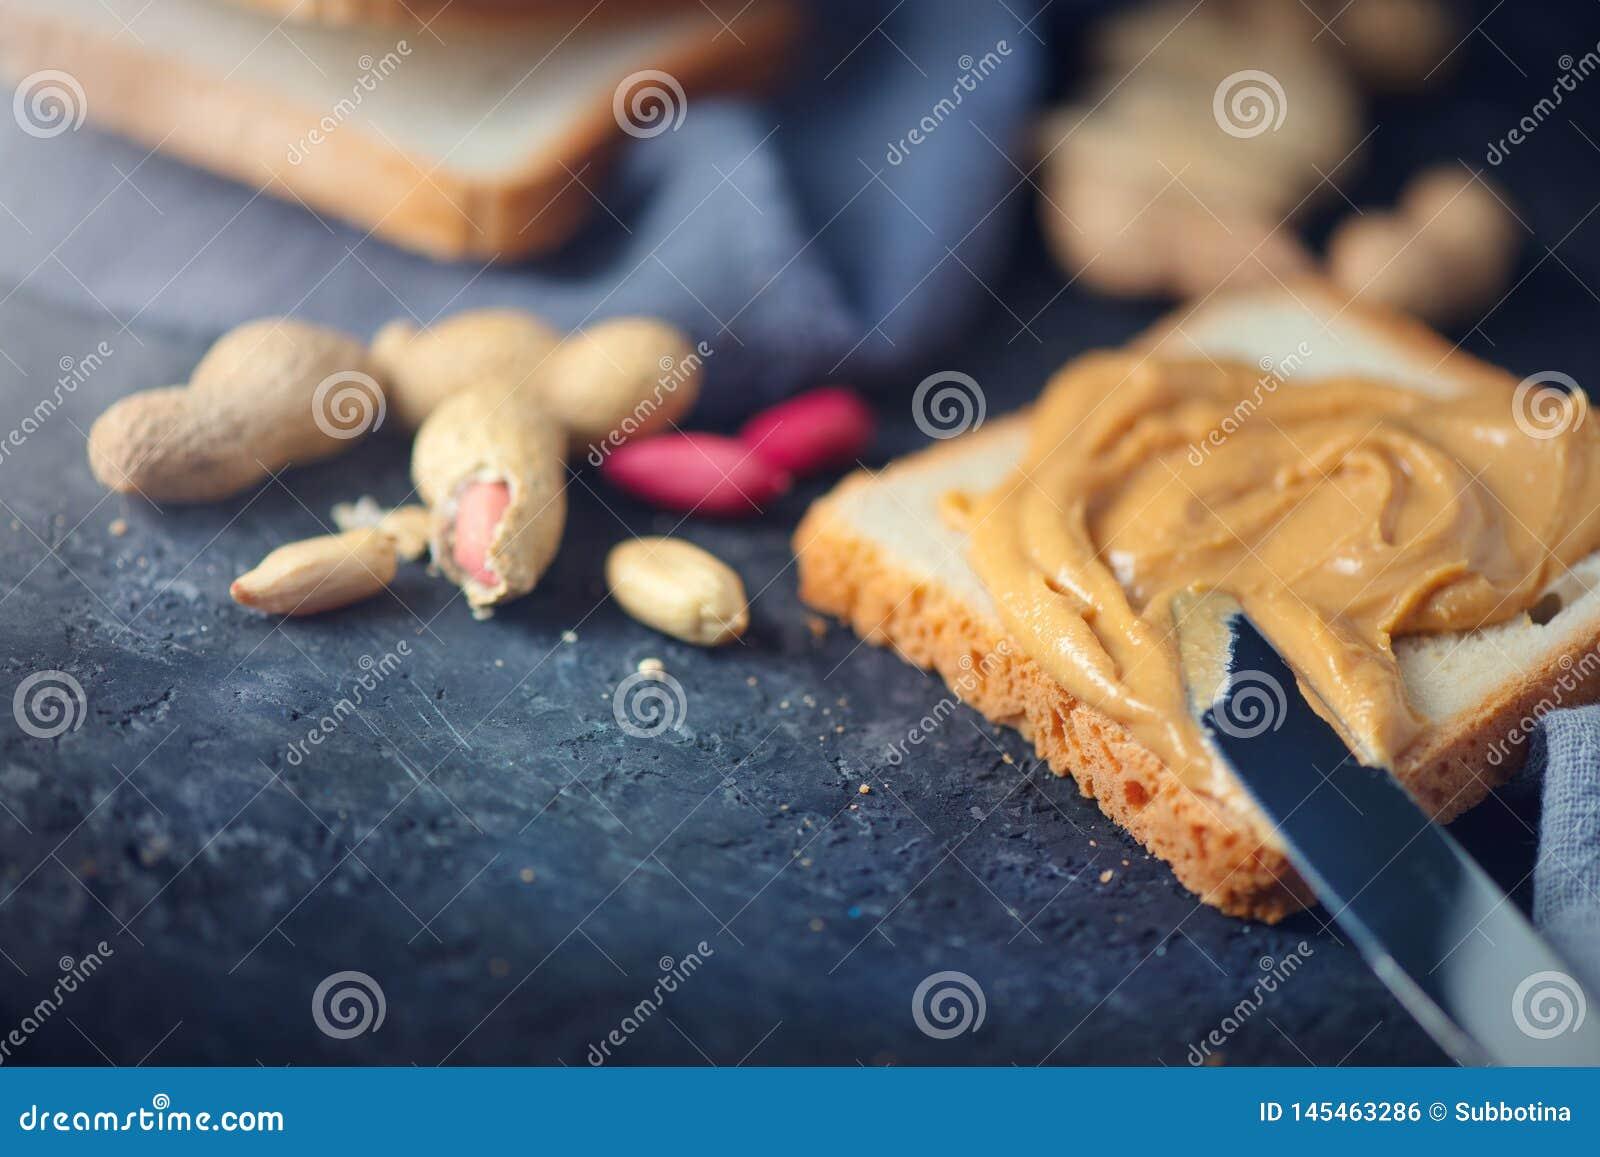 Manteiga de amendoim Pessoa que faz sanduíches da manteiga de amendoim, alimento saudável A mulher mancha a manteiga com uma faca